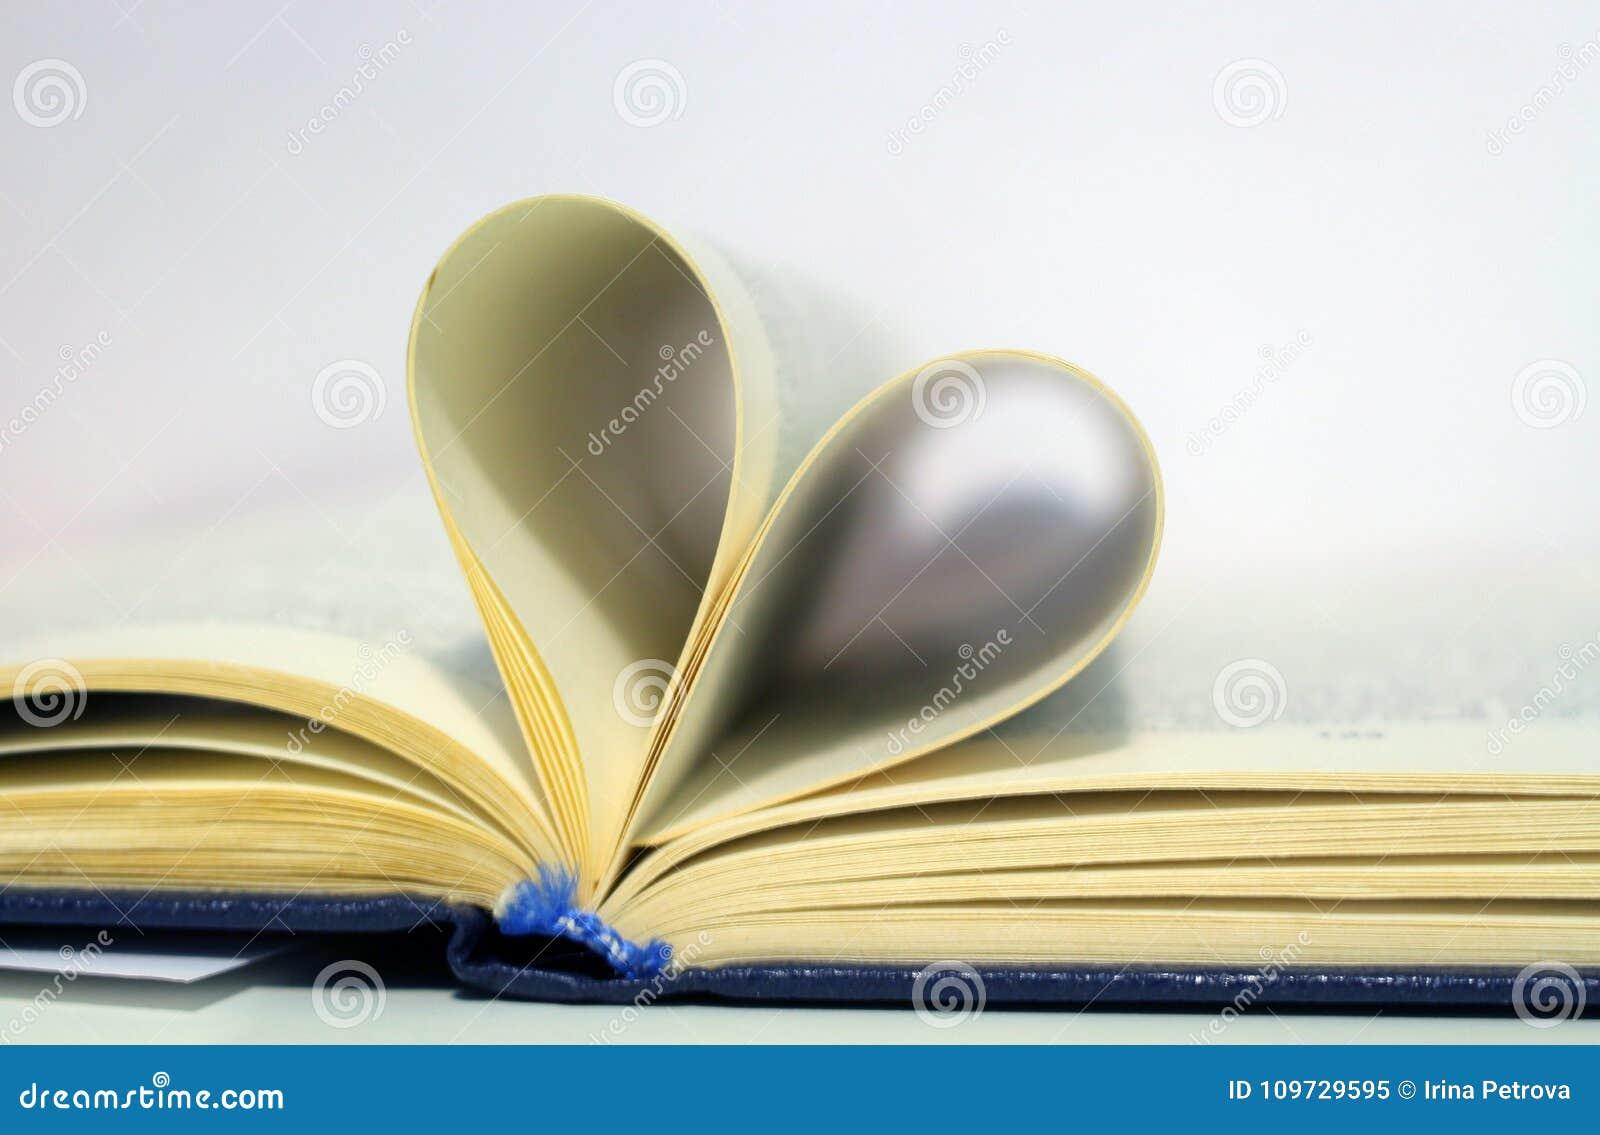 в форме Сердц страницы книги